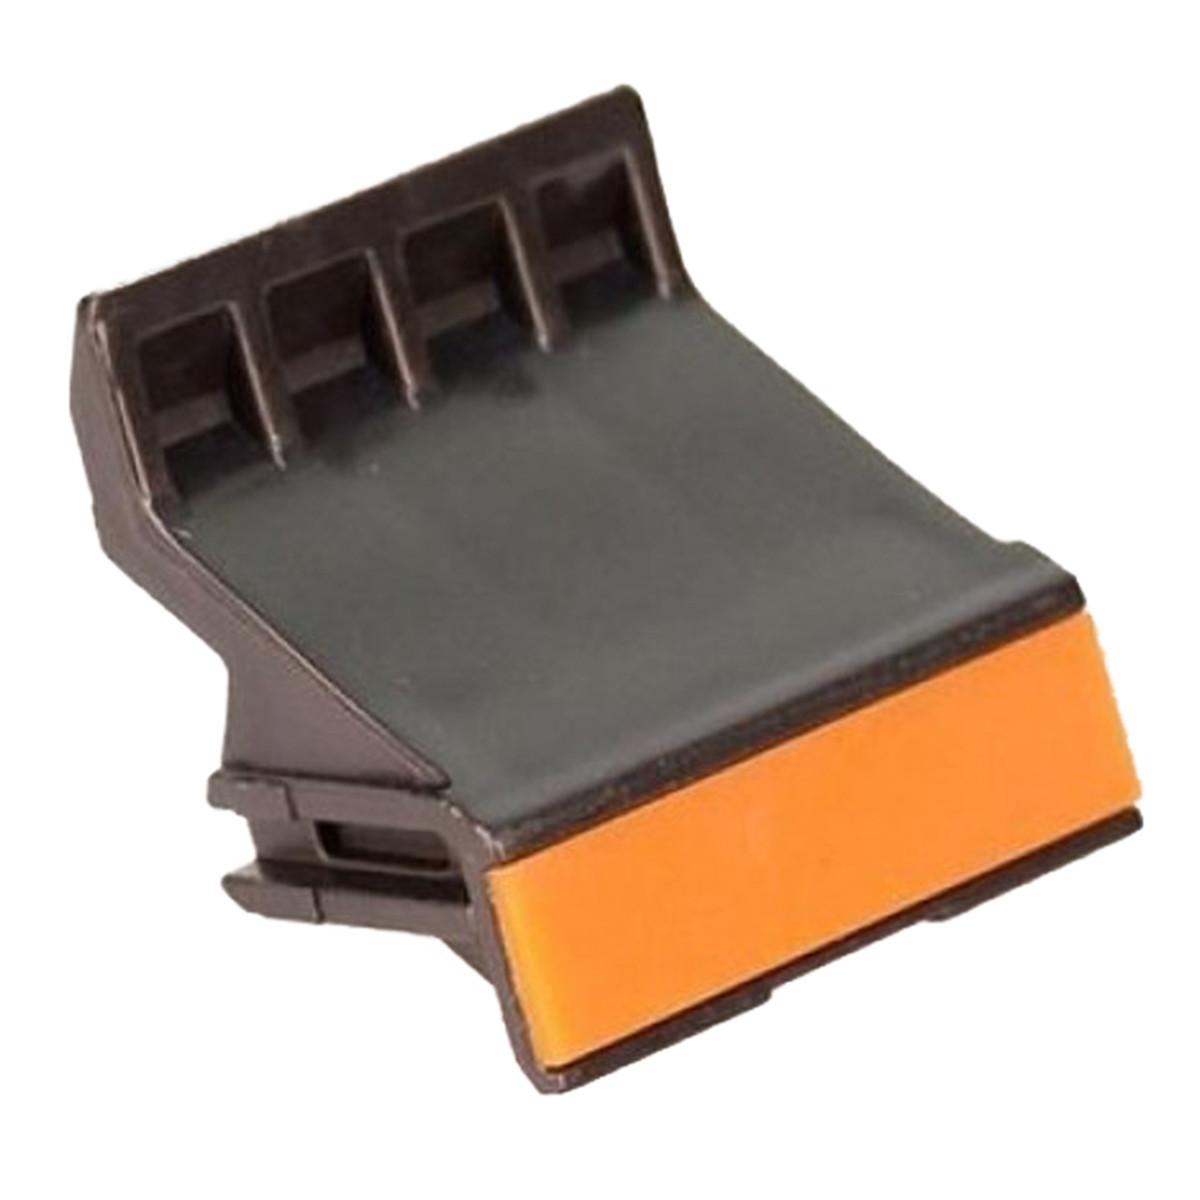 Separador de Papel HP LaserJet 1010 1012 1015 1018 1020 3015 3020 3030   RC1-2038-000   Compatível